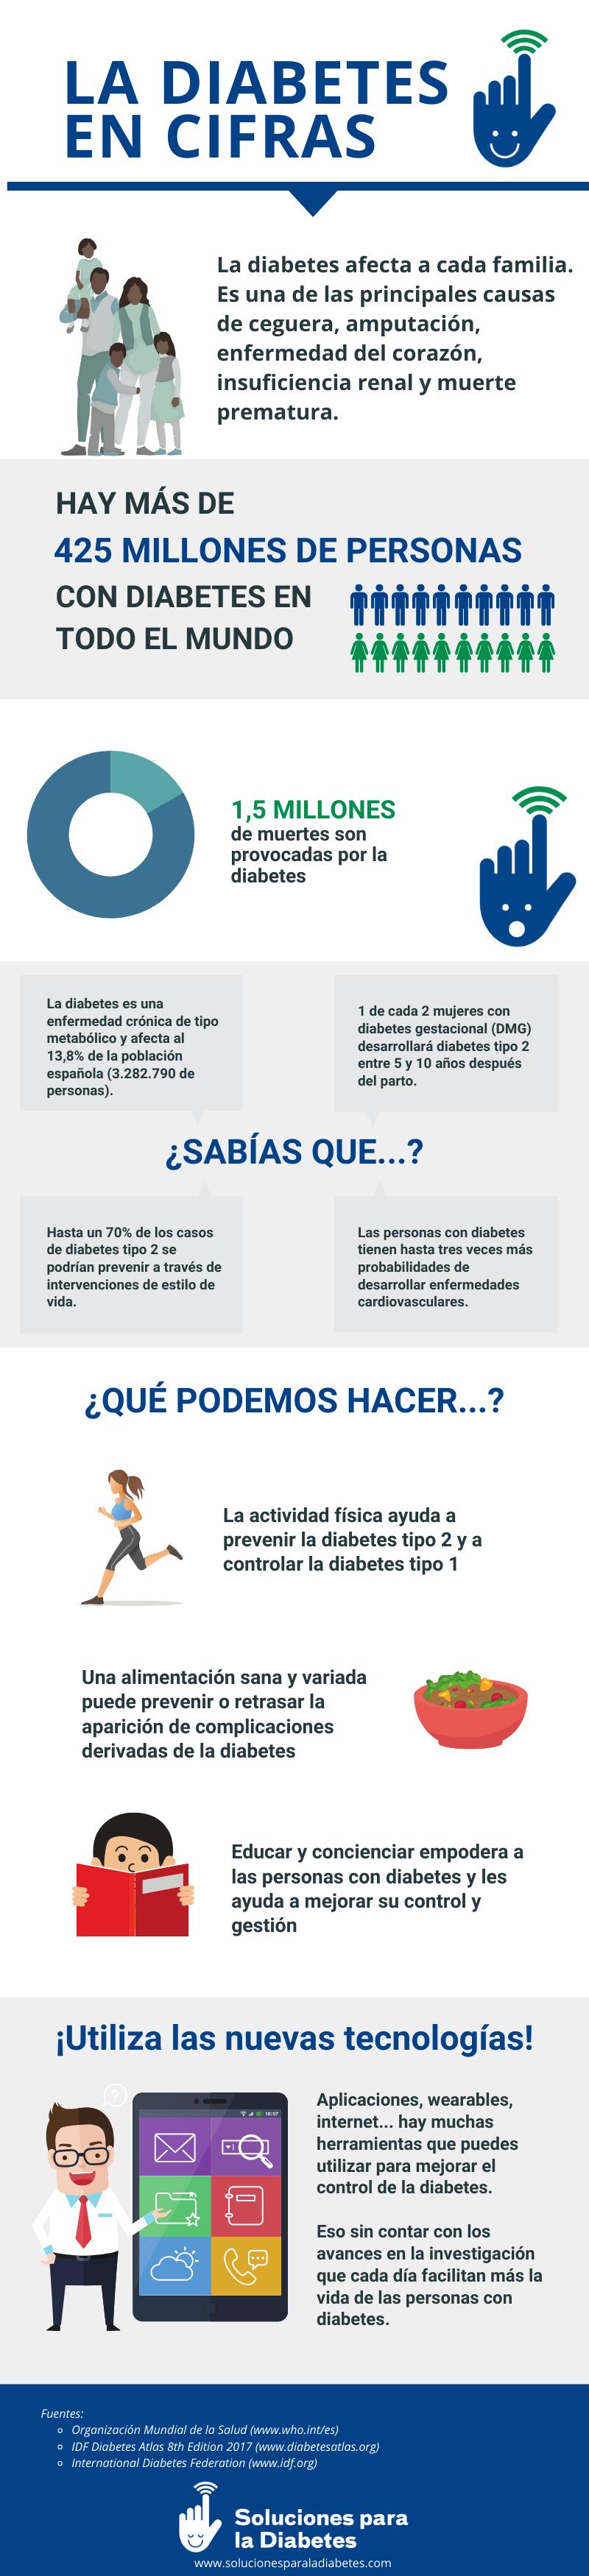 Infografía: La diabetes en cifras